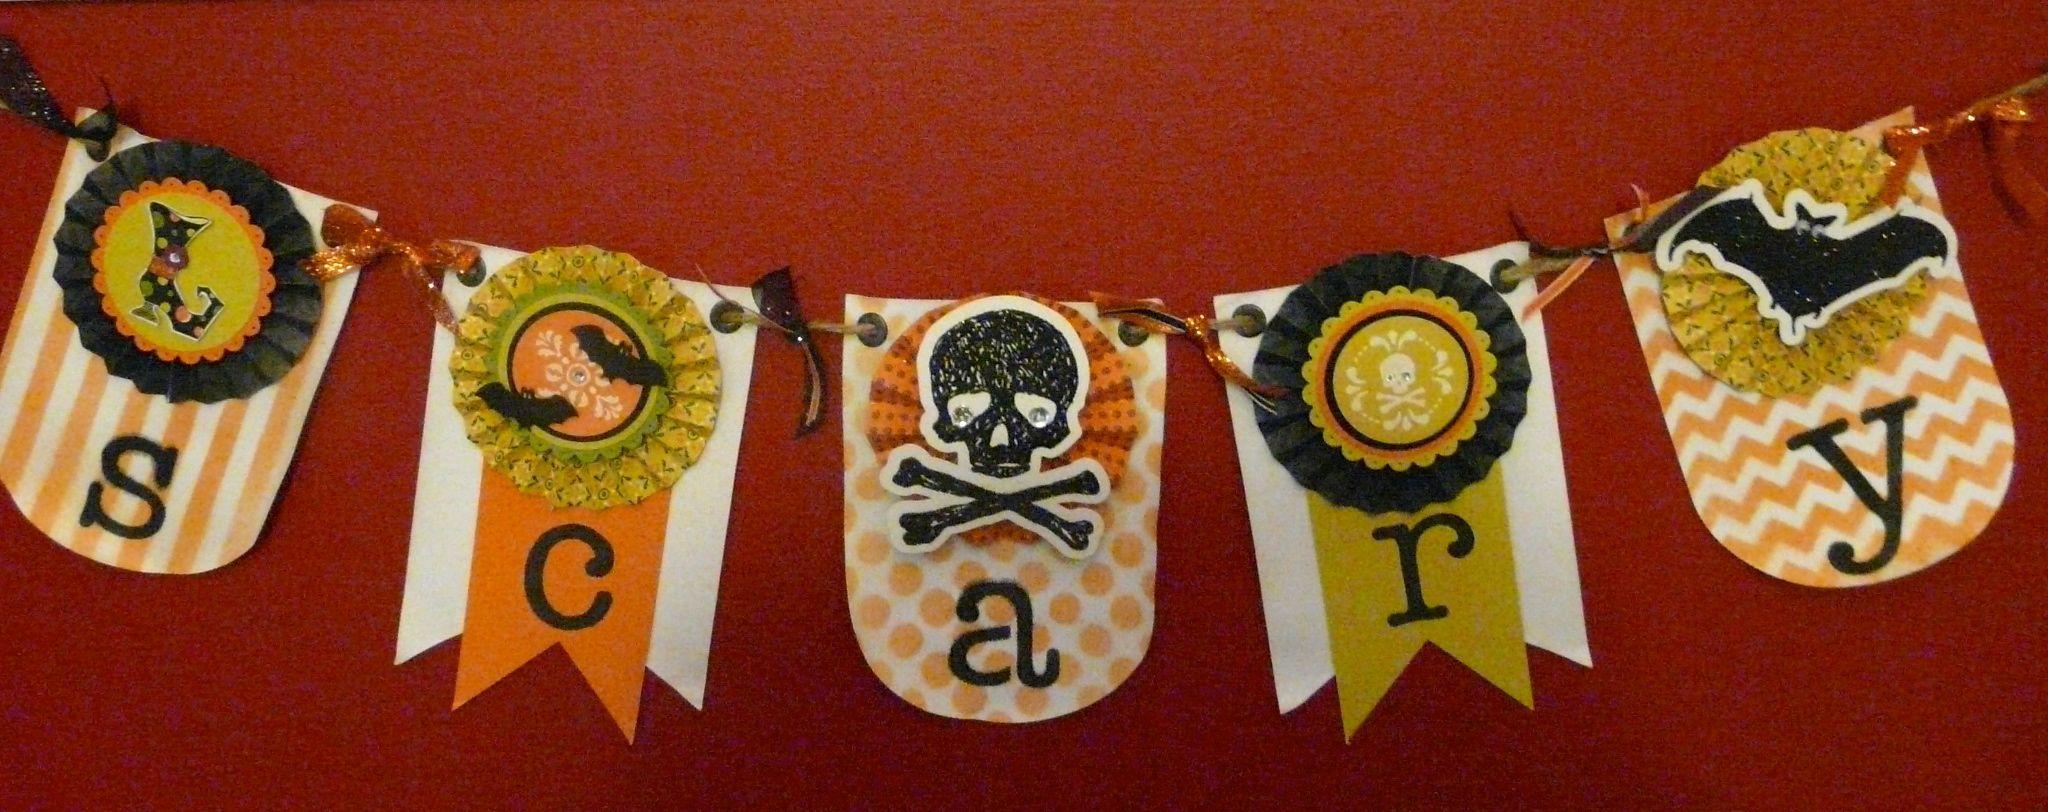 p1050733.jpg 2,048×812 pixels Halloween banner, Banner